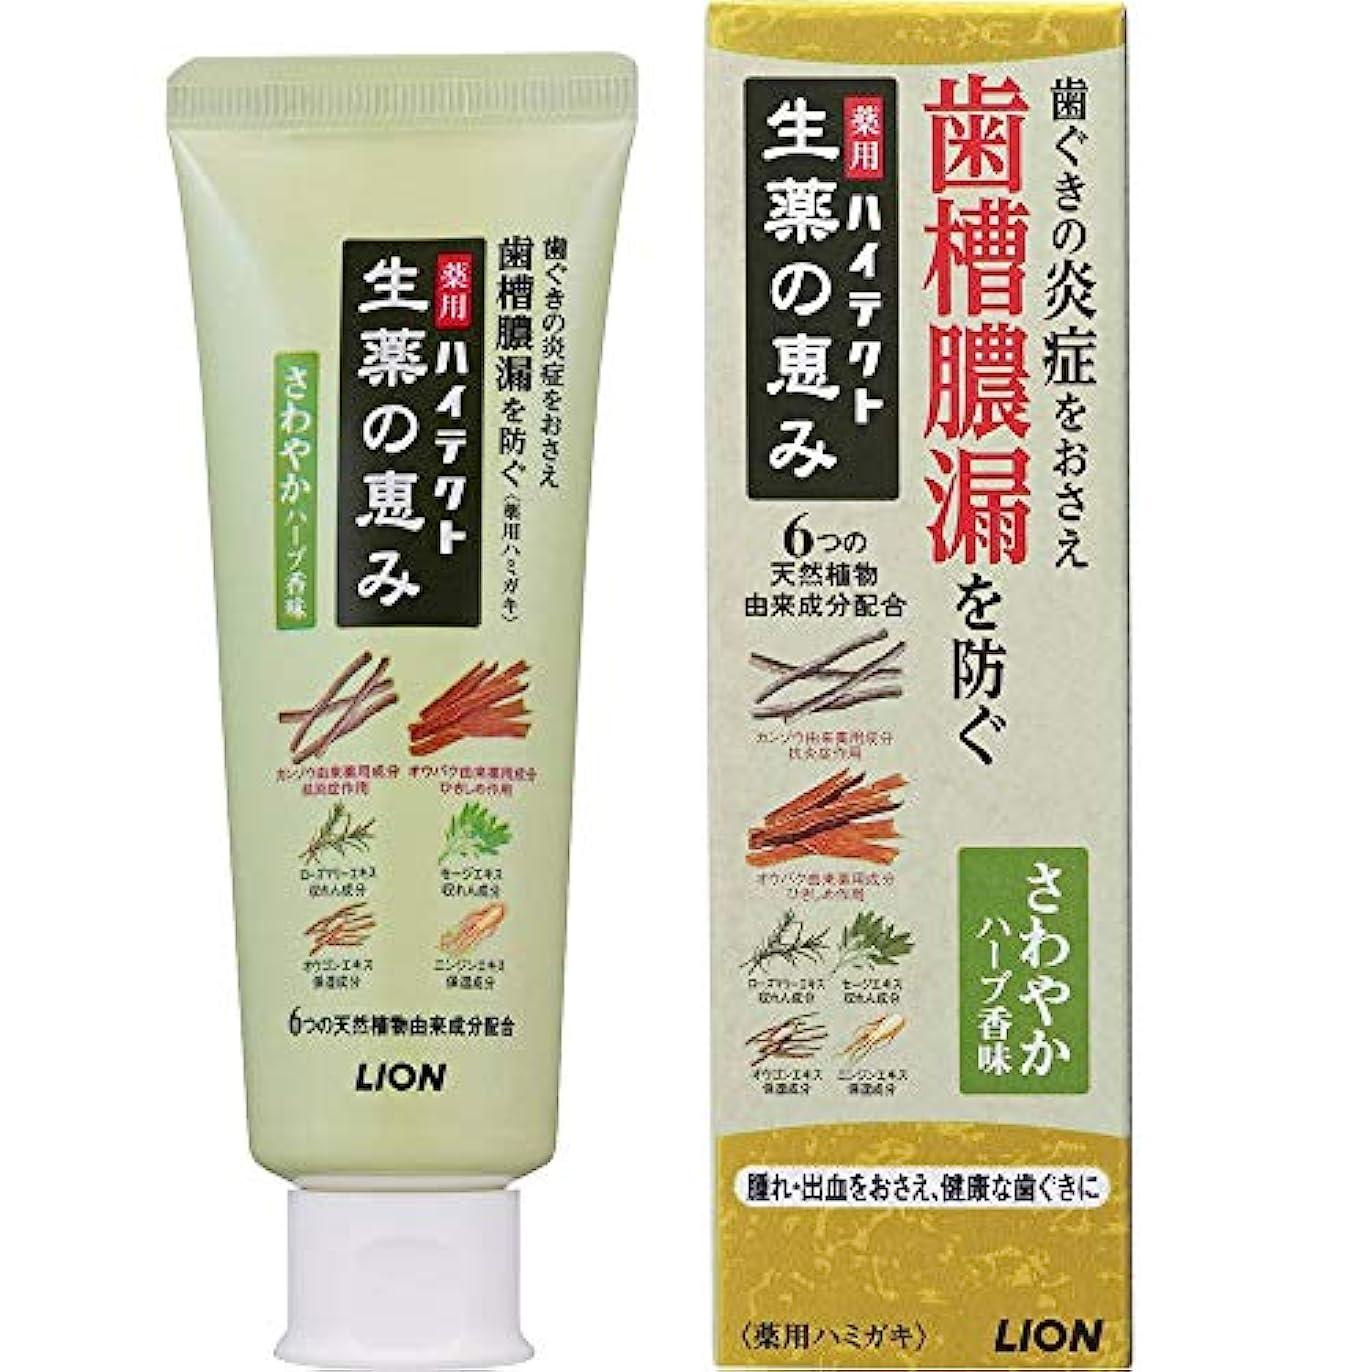 から歯科のアルミニウム薬用ハイテクト生薬の恵み さわやかハーブ香味 90g